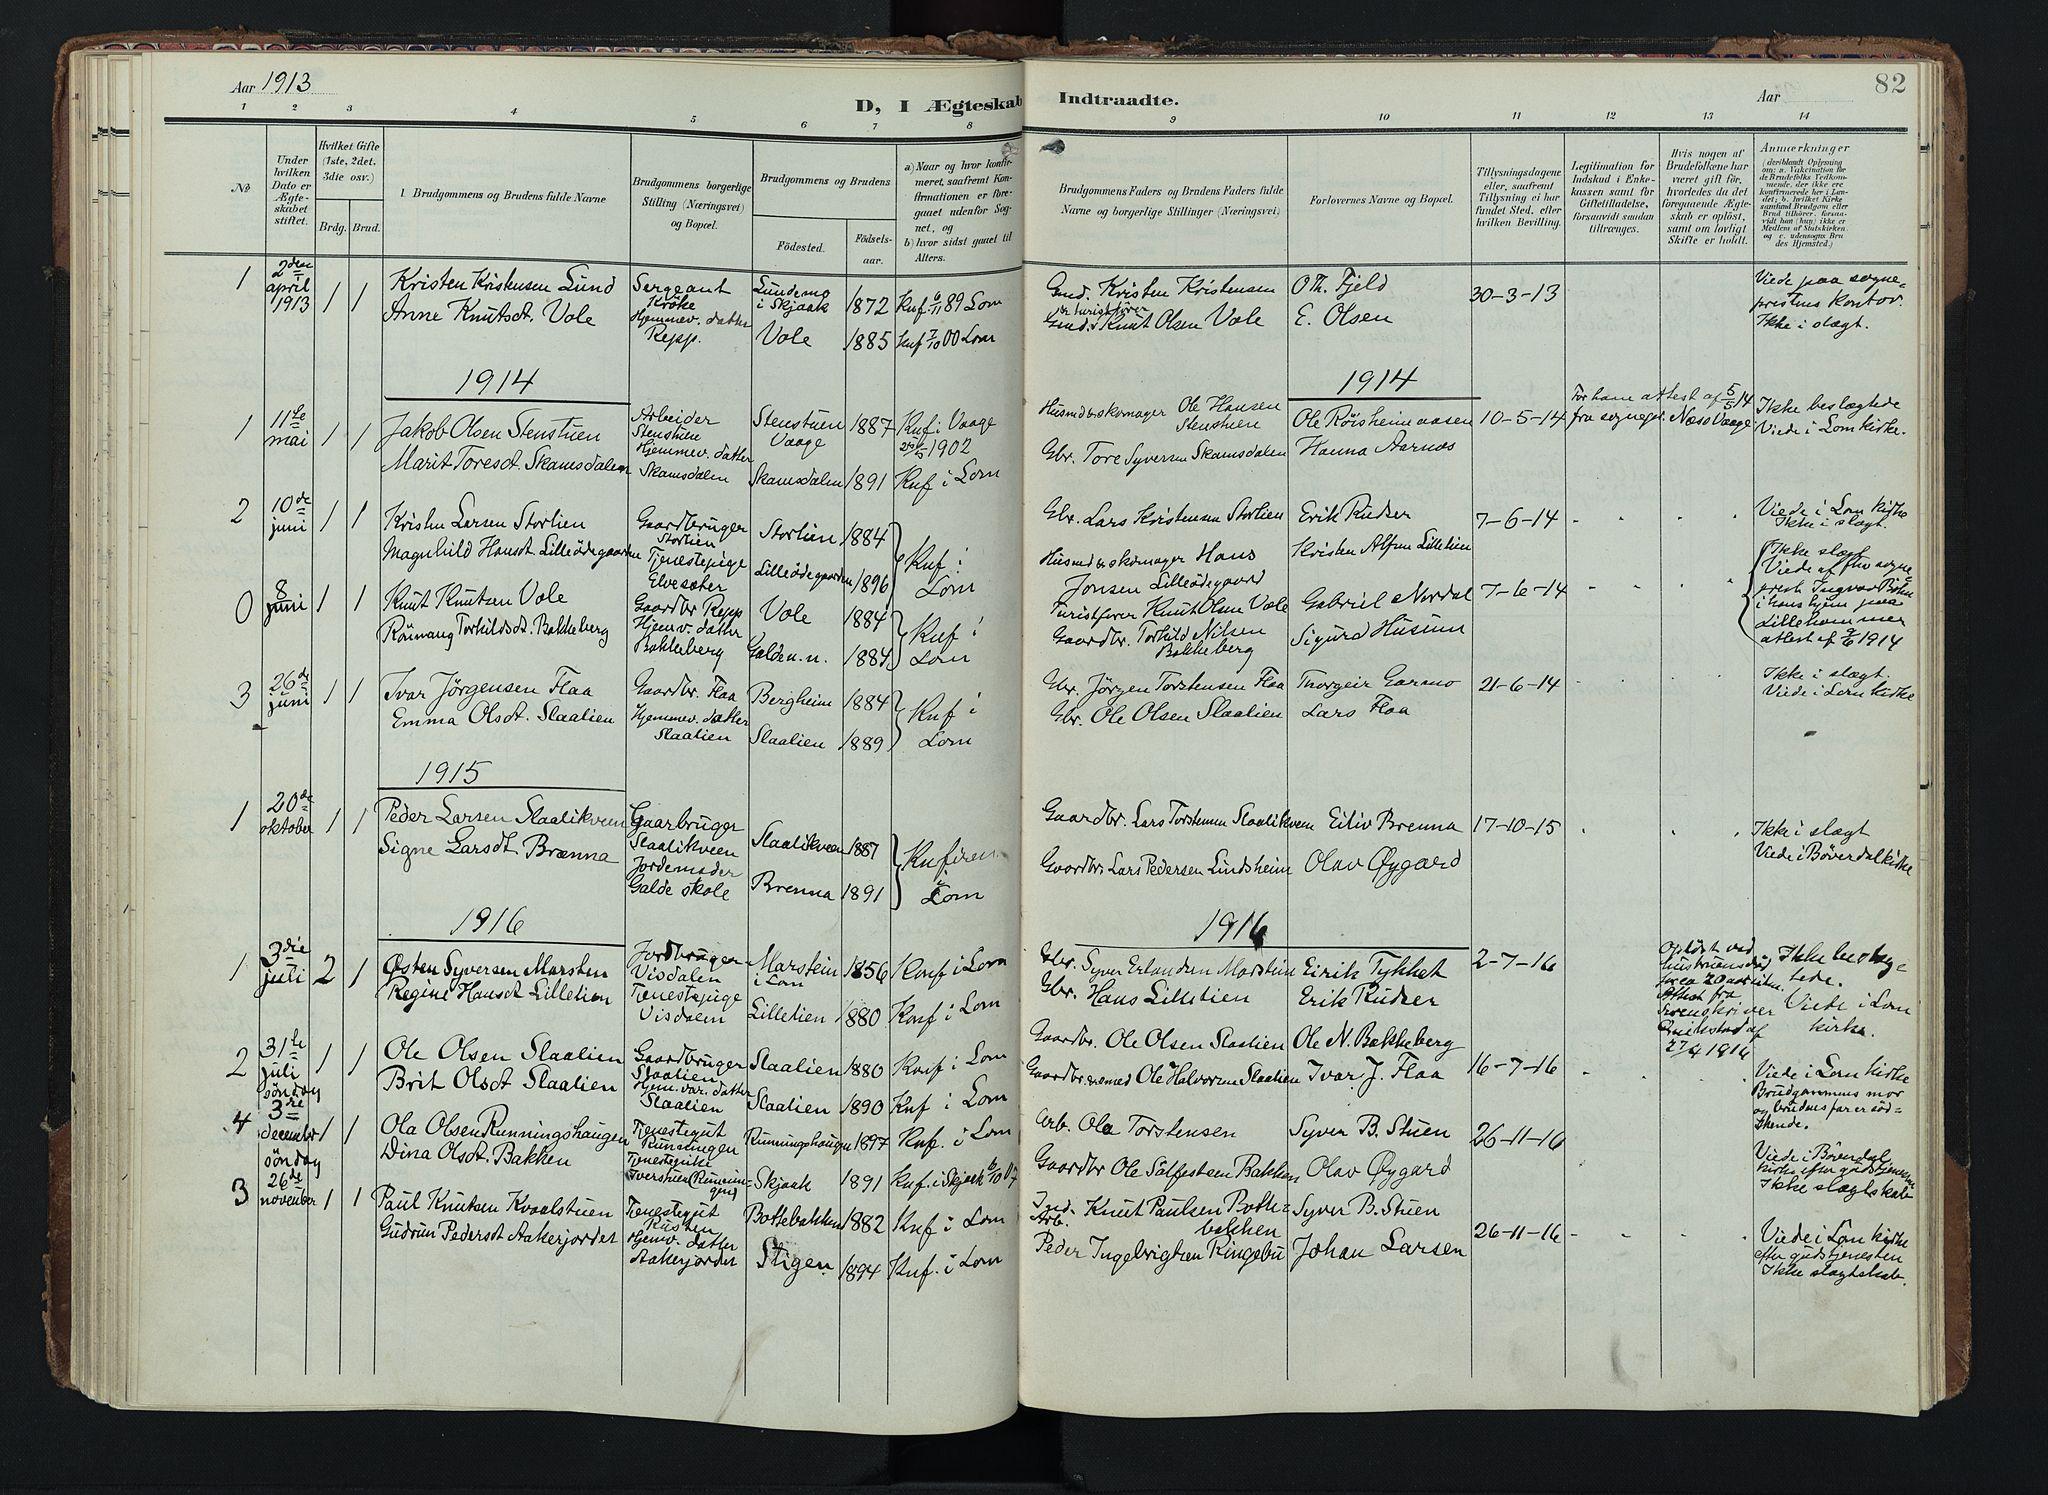 SAH, Lom prestekontor, K/L0012: Ministerialbok nr. 12, 1904-1928, s. 82